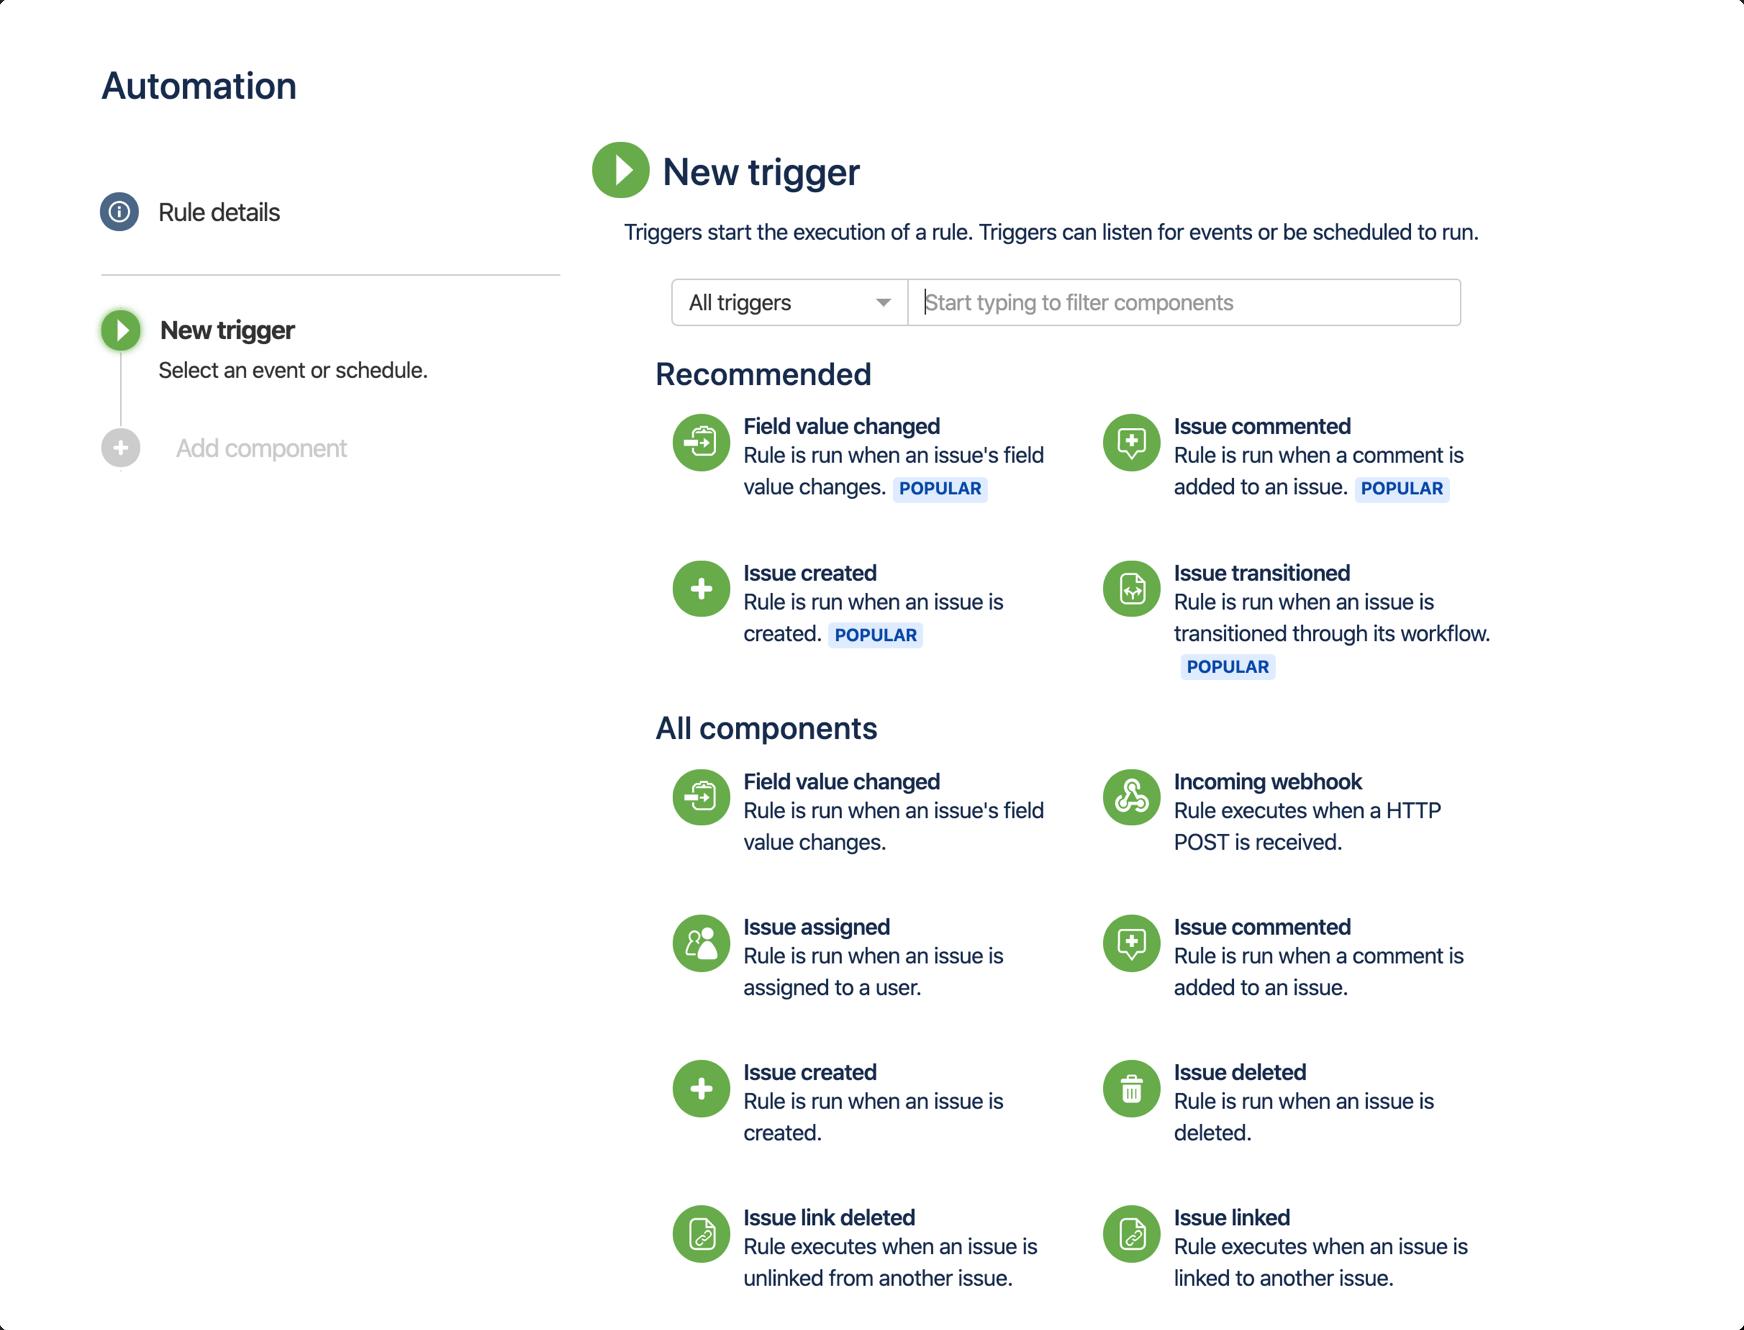 Jira Automation 屏幕截图